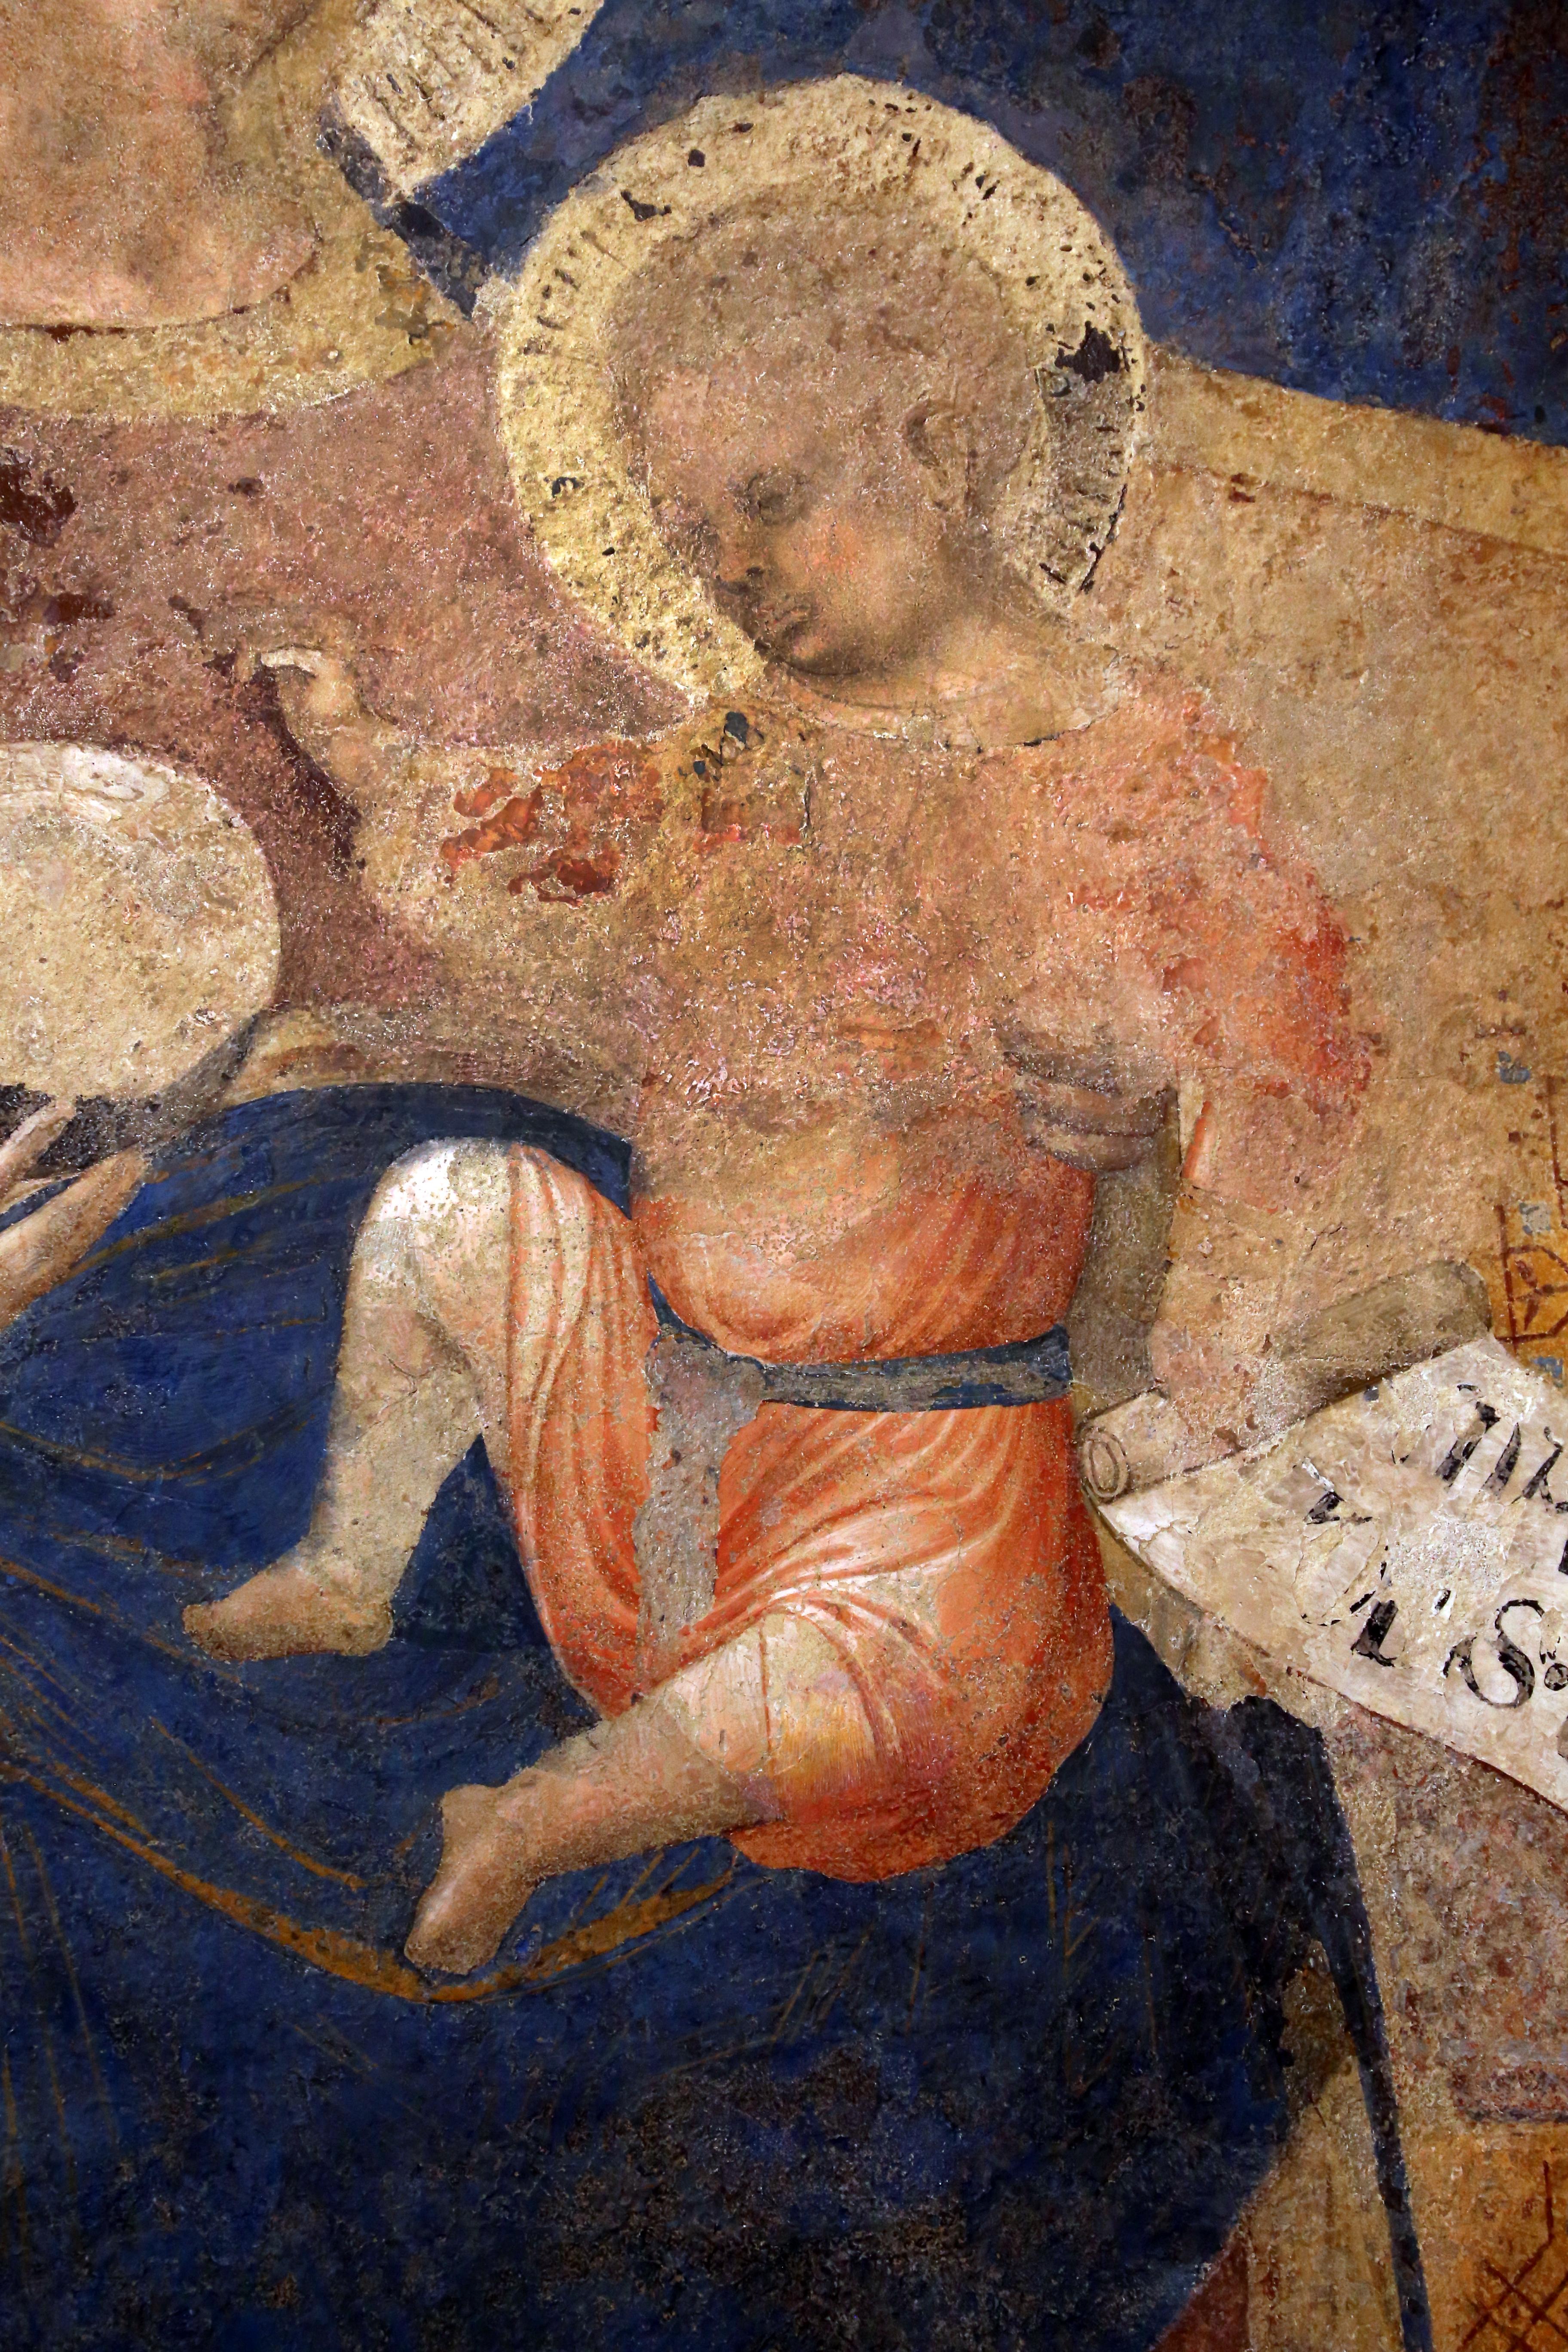 Ambrogio lorenzetti, madonna col bambino, 1340 (si, palazzo pubblico) 02.jpg